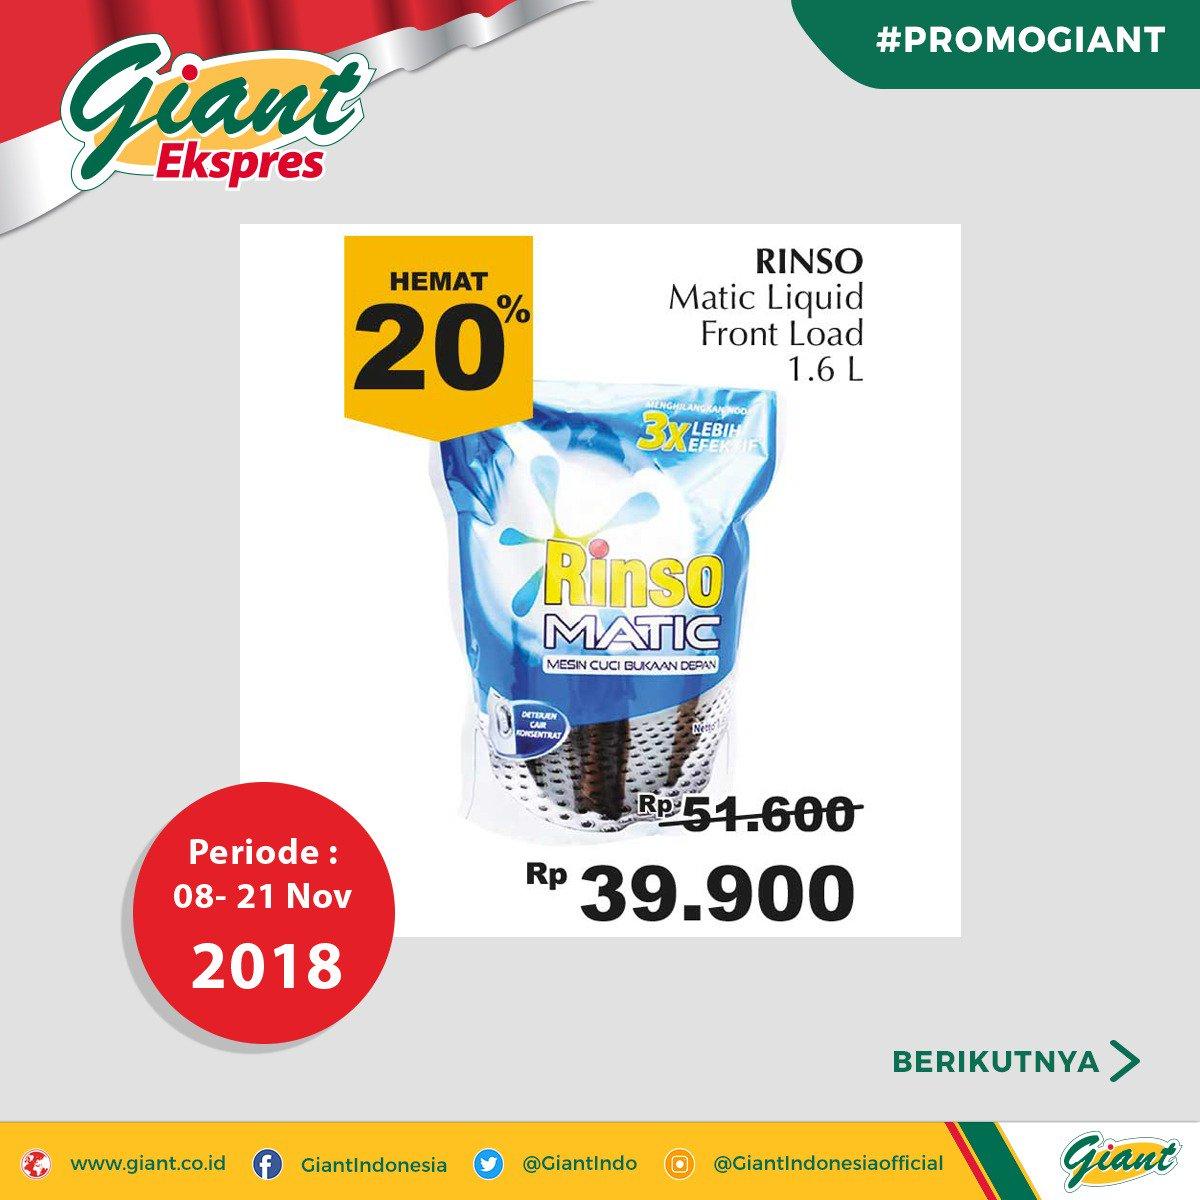 Giant - Promo Giant Periode 08 - 21 Nov 2018